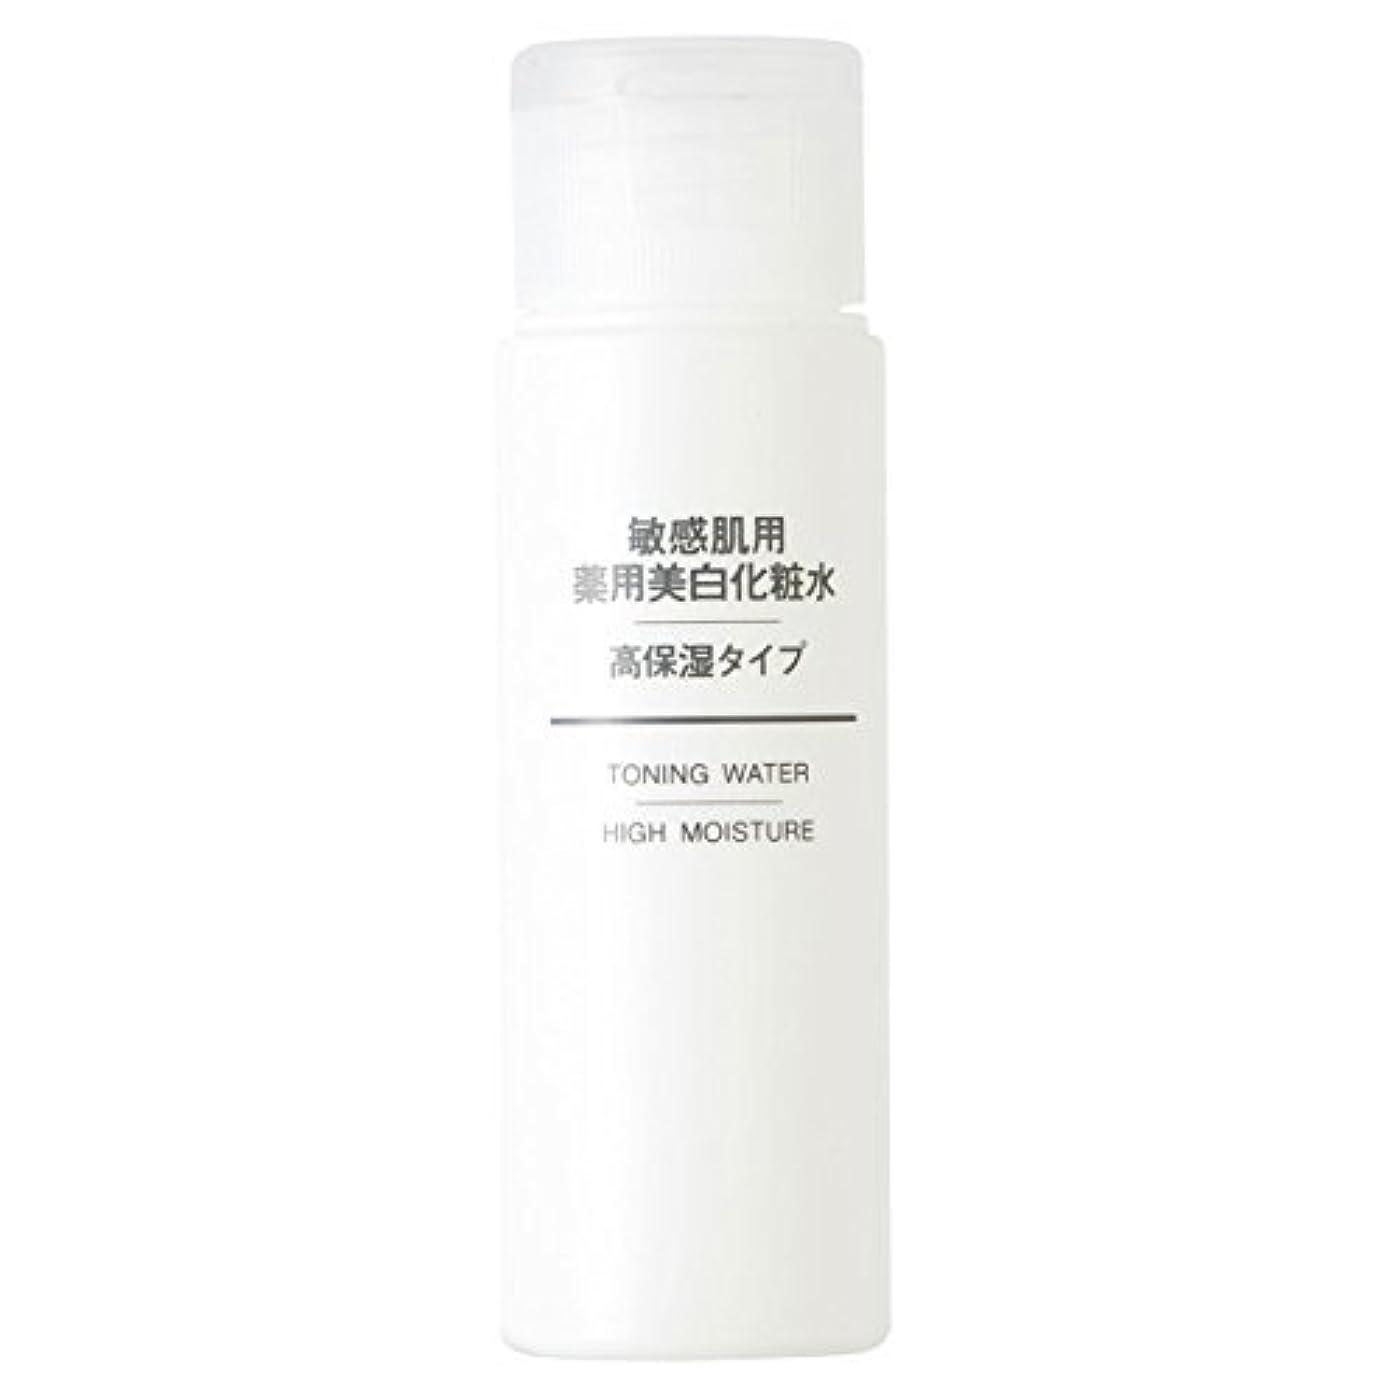 年金受給者申請者入場無印良品 敏感肌用 薬用美白化粧水 高保湿タイプ(携帯用) (新)50ml